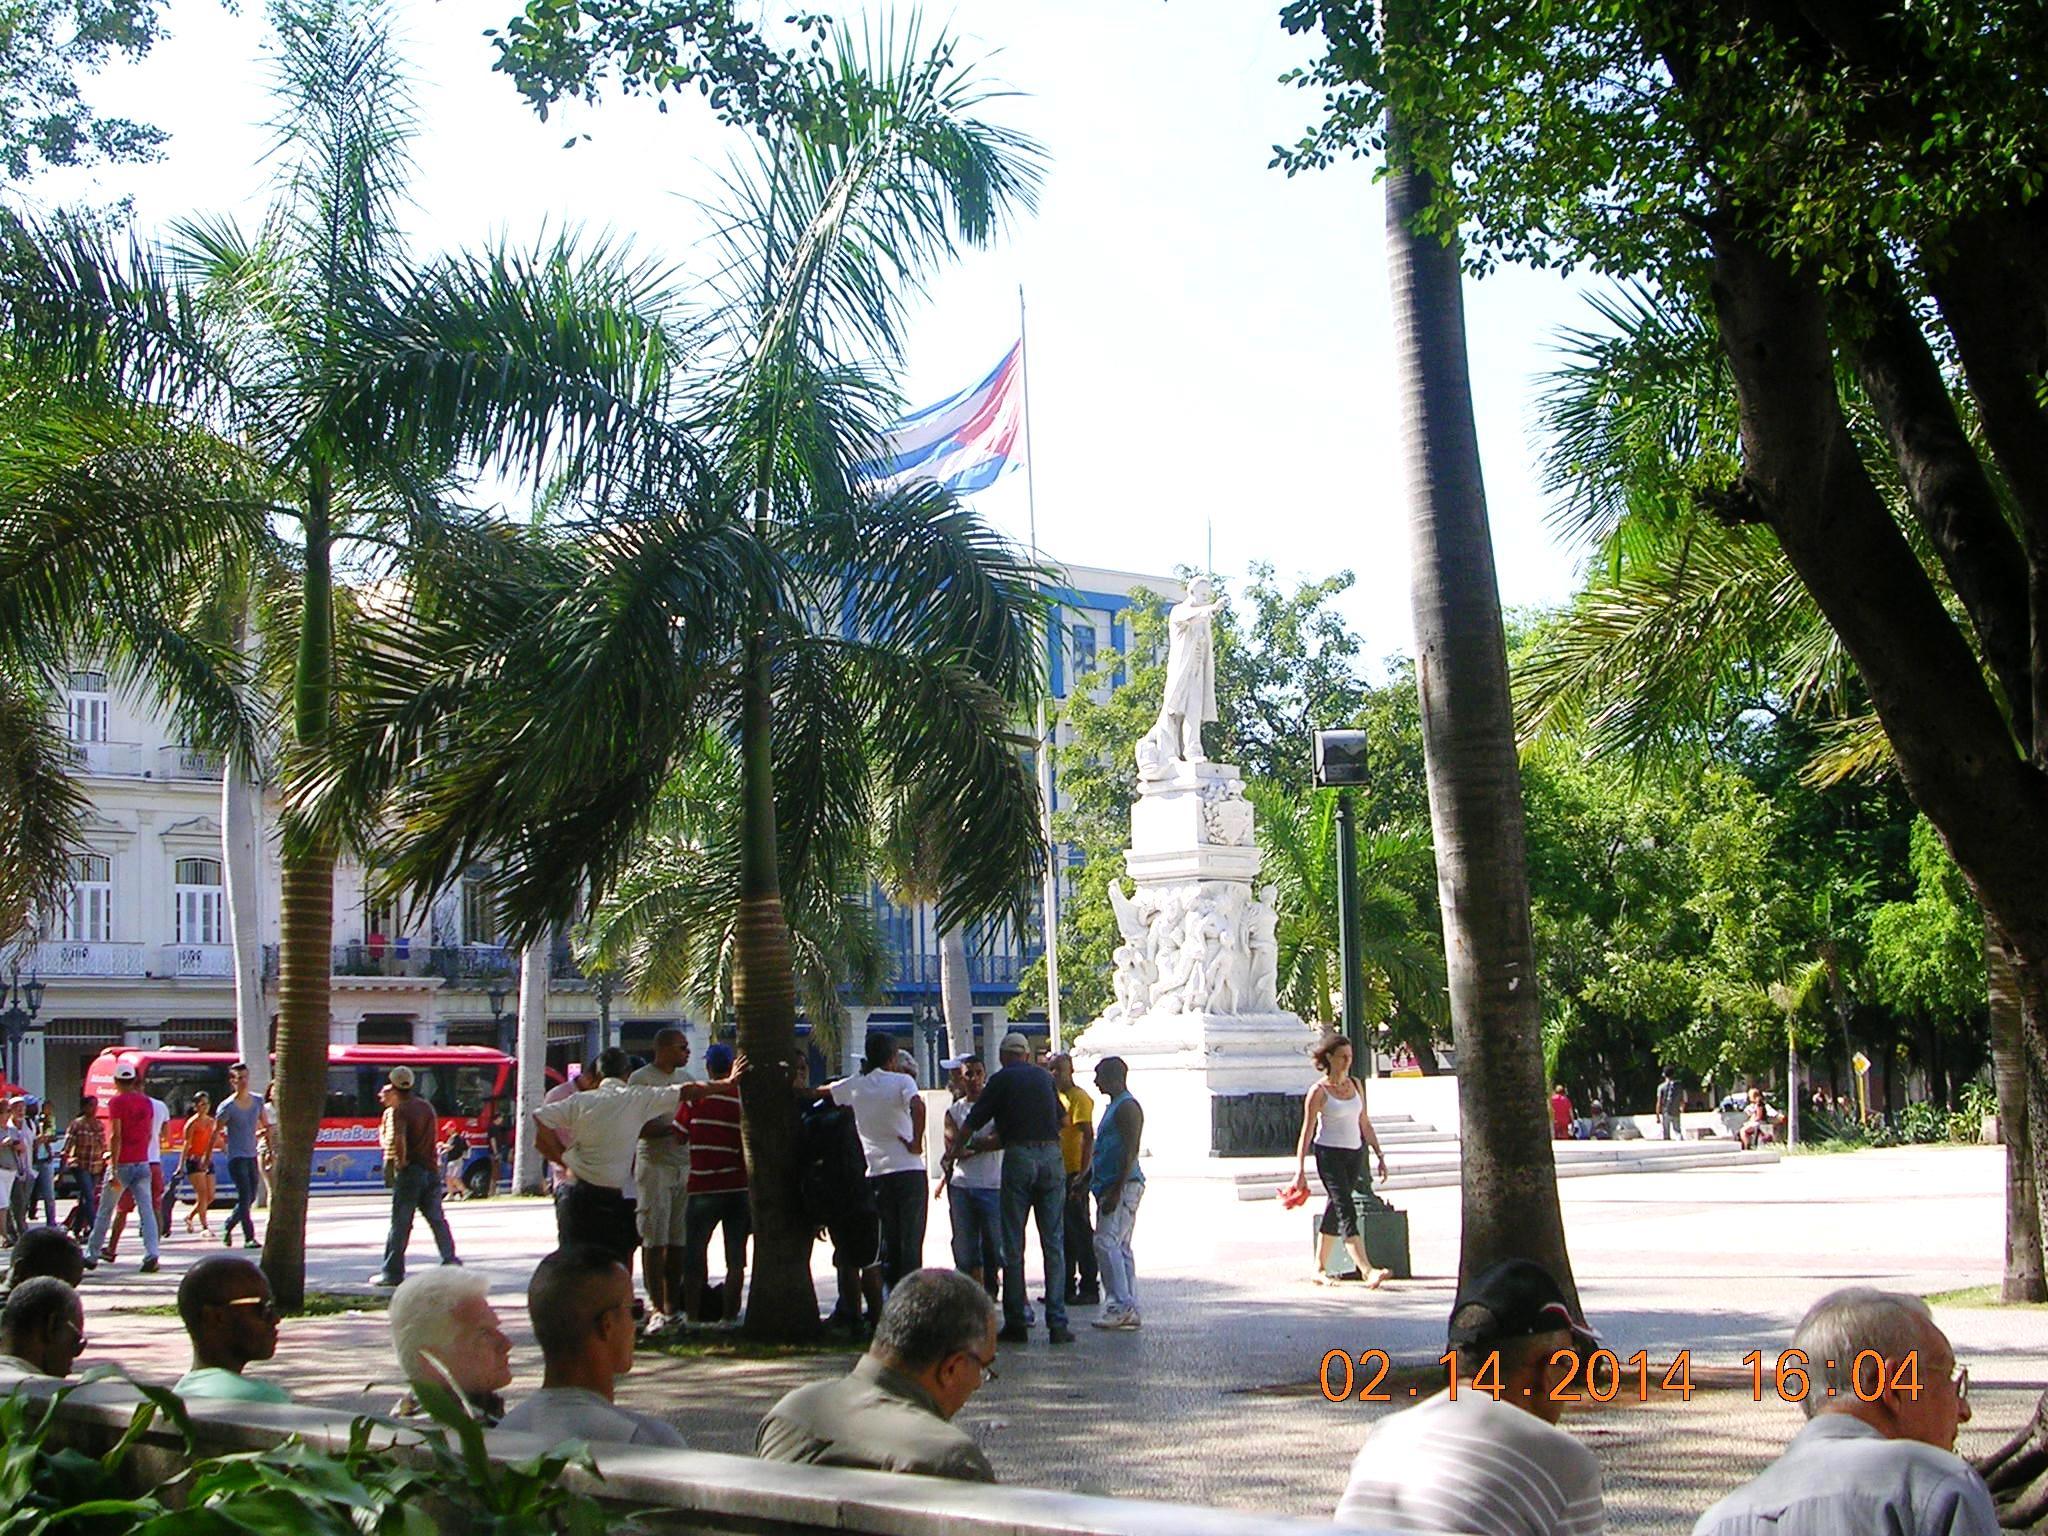 Cuba Mar 2014 066